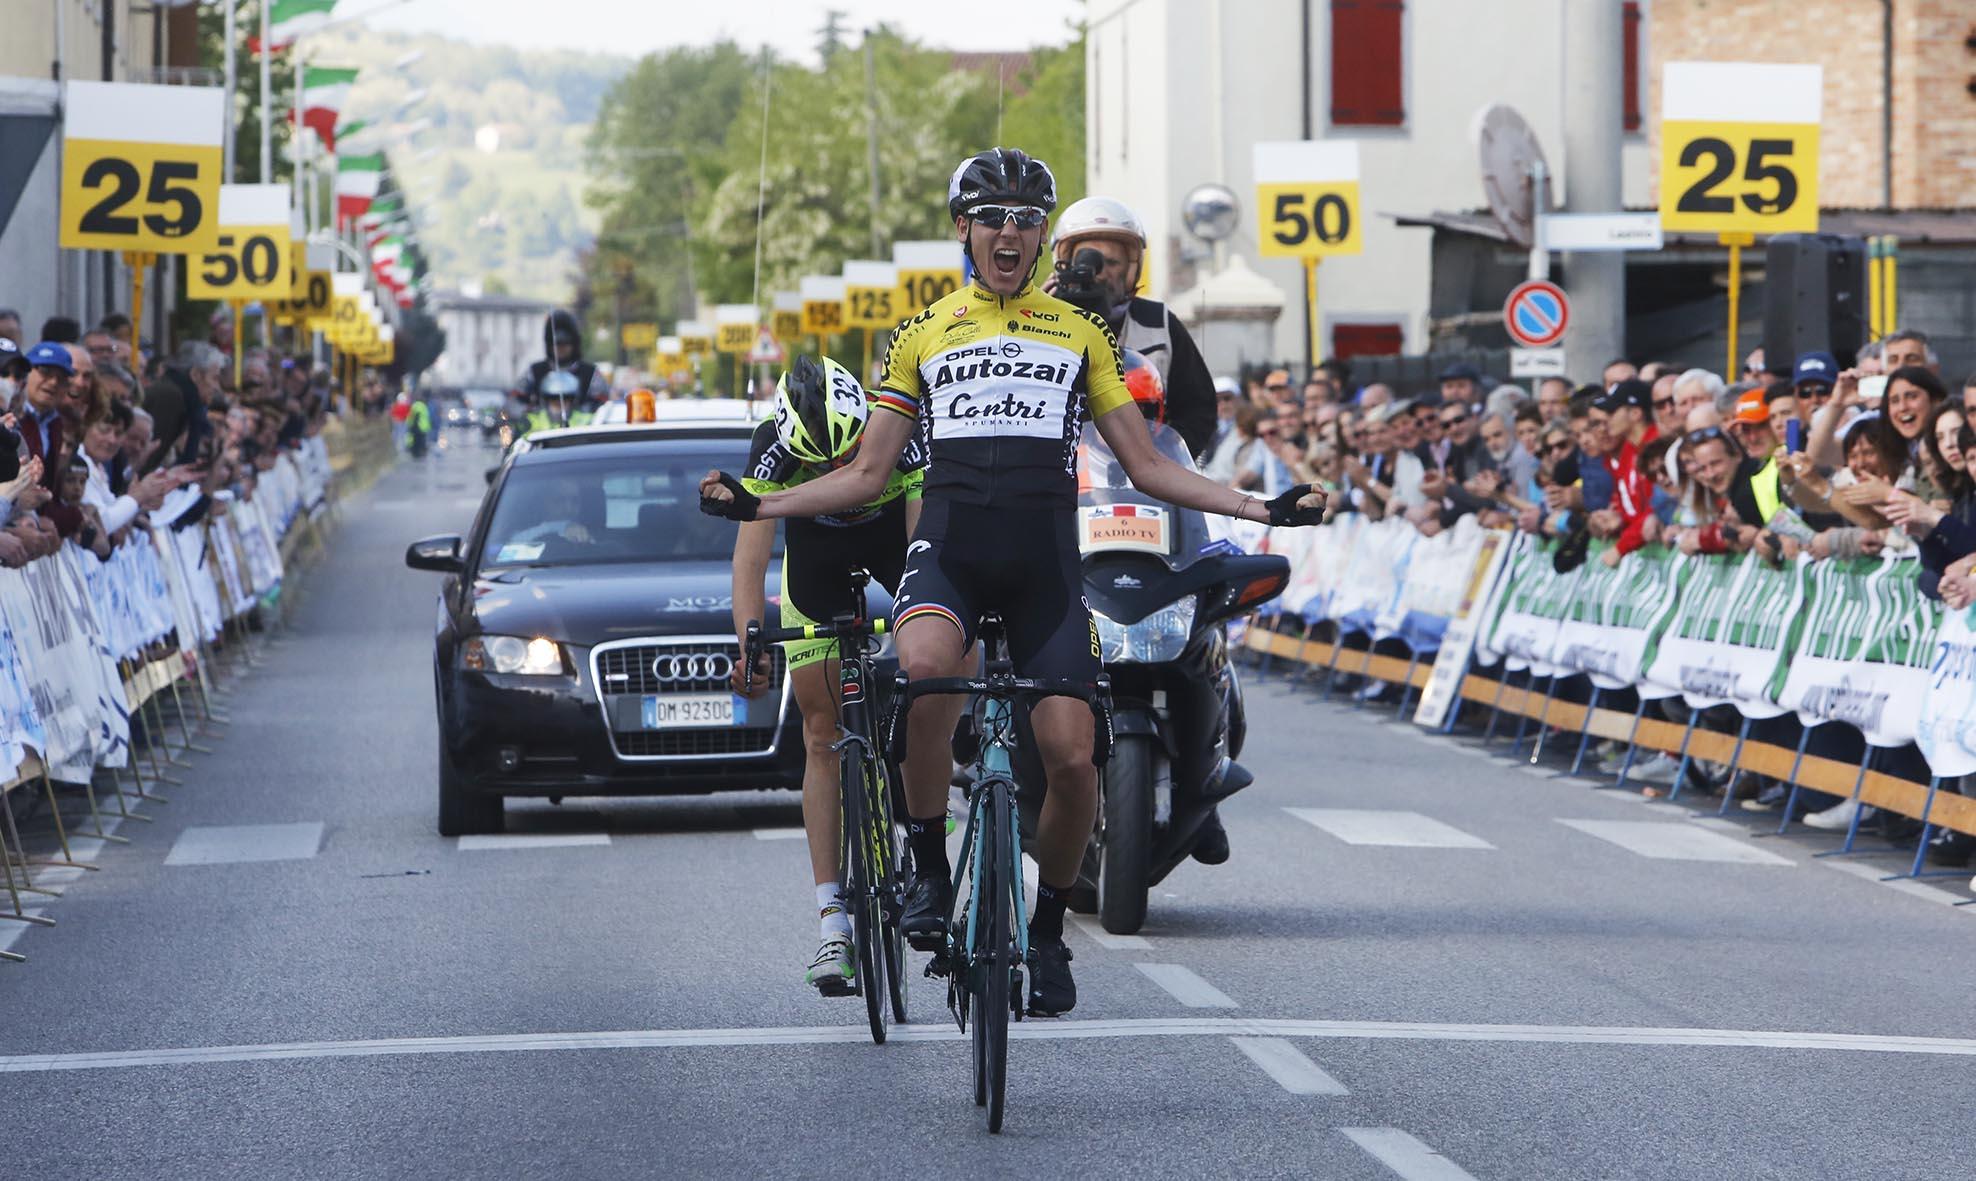 La vittoria di Filippo Zana al 34° Gran Premio Sportivi Sovilla